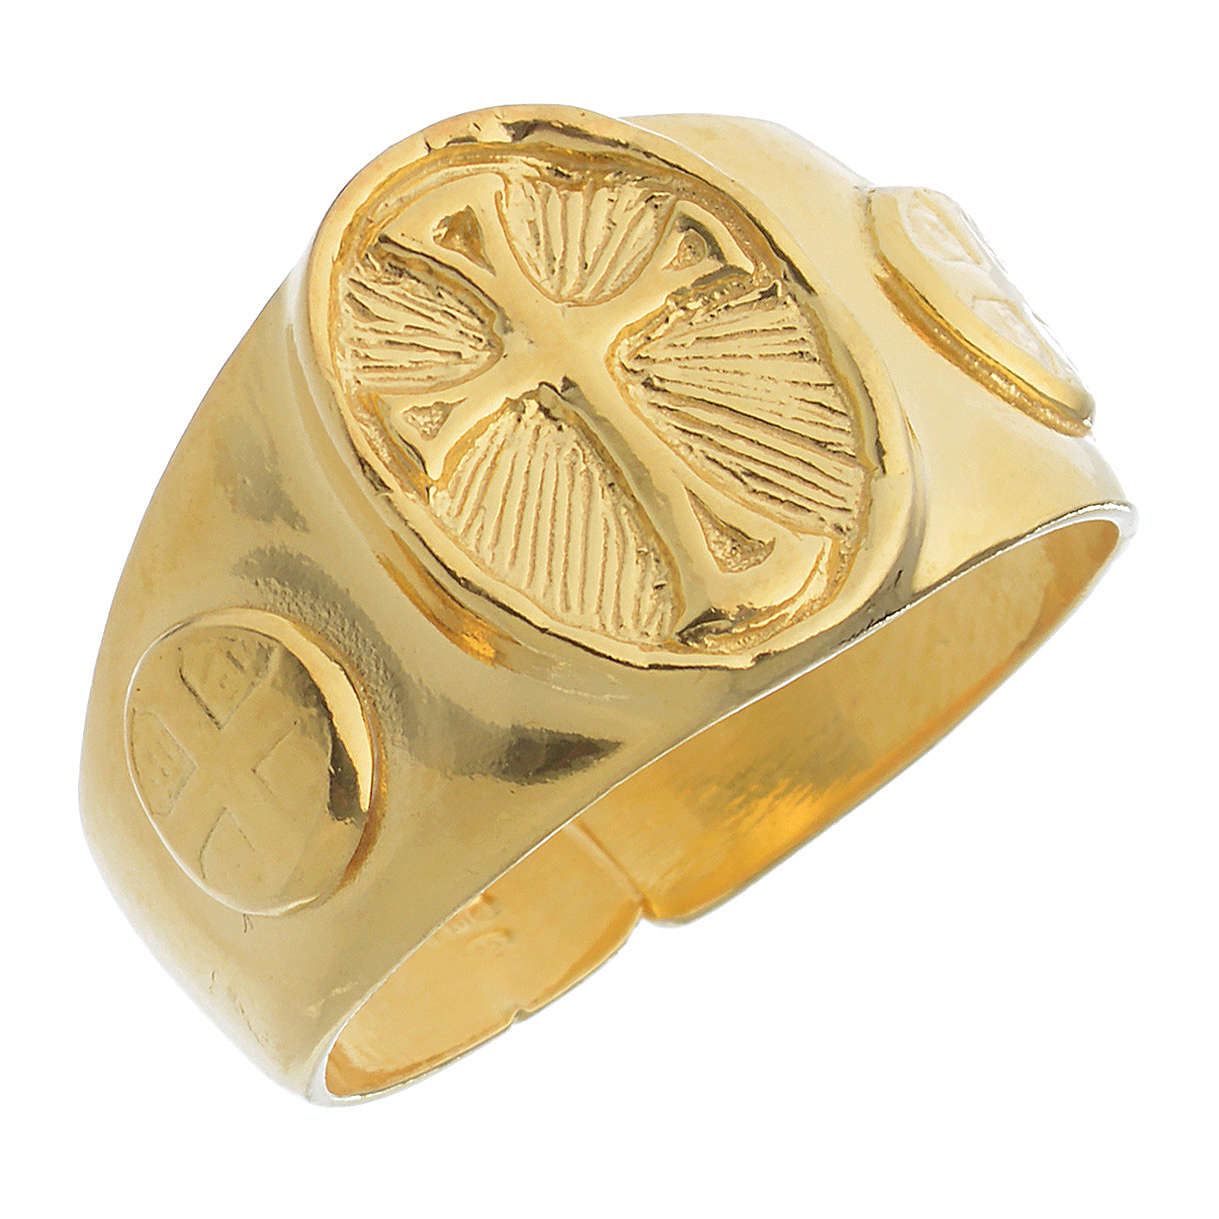 Pierścień pastoralny srebro 925 złocony 3